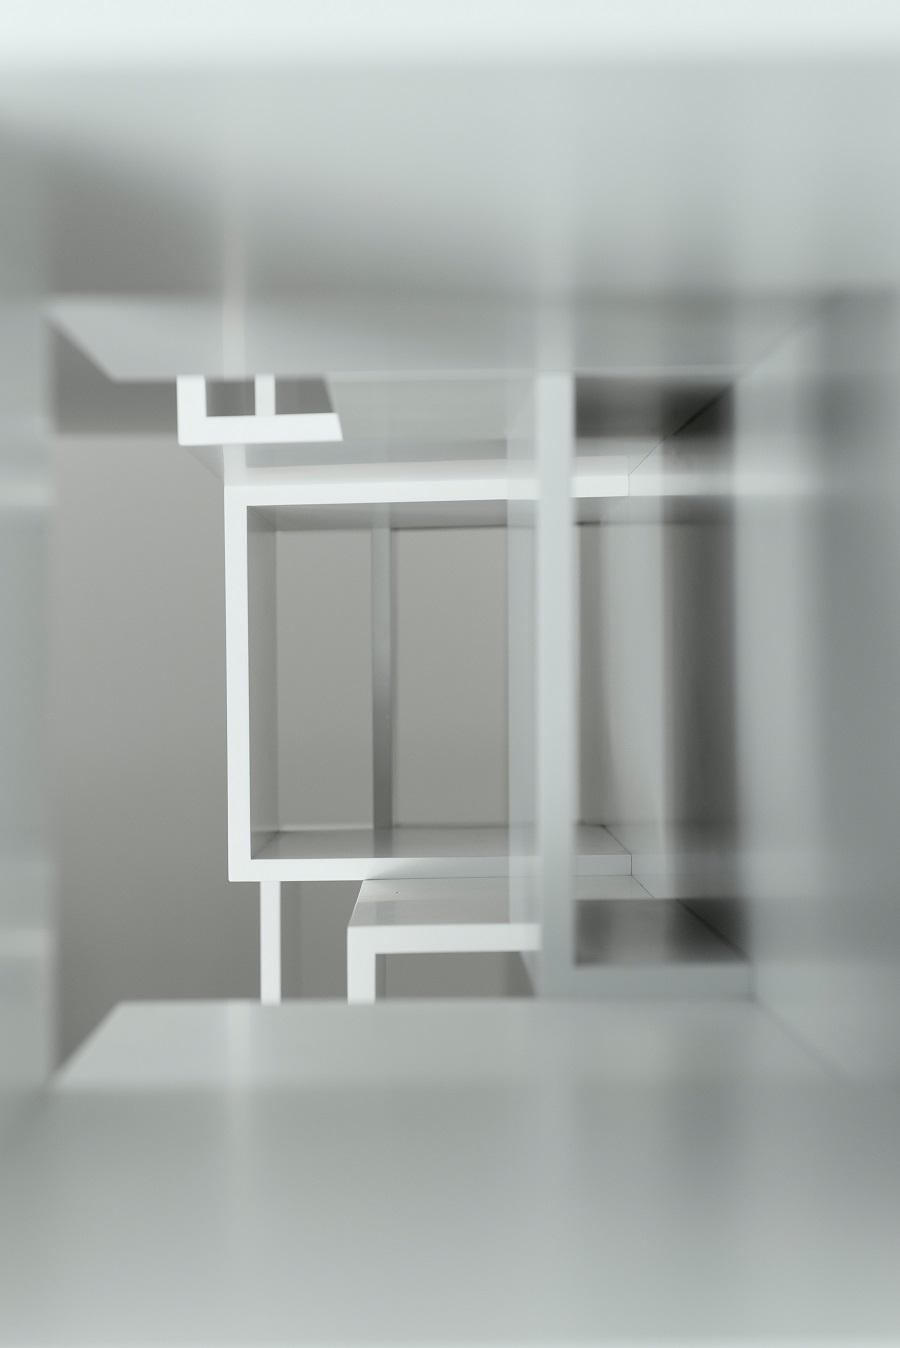 עיצוב הדר חורש צור | צילום גדעון לוין